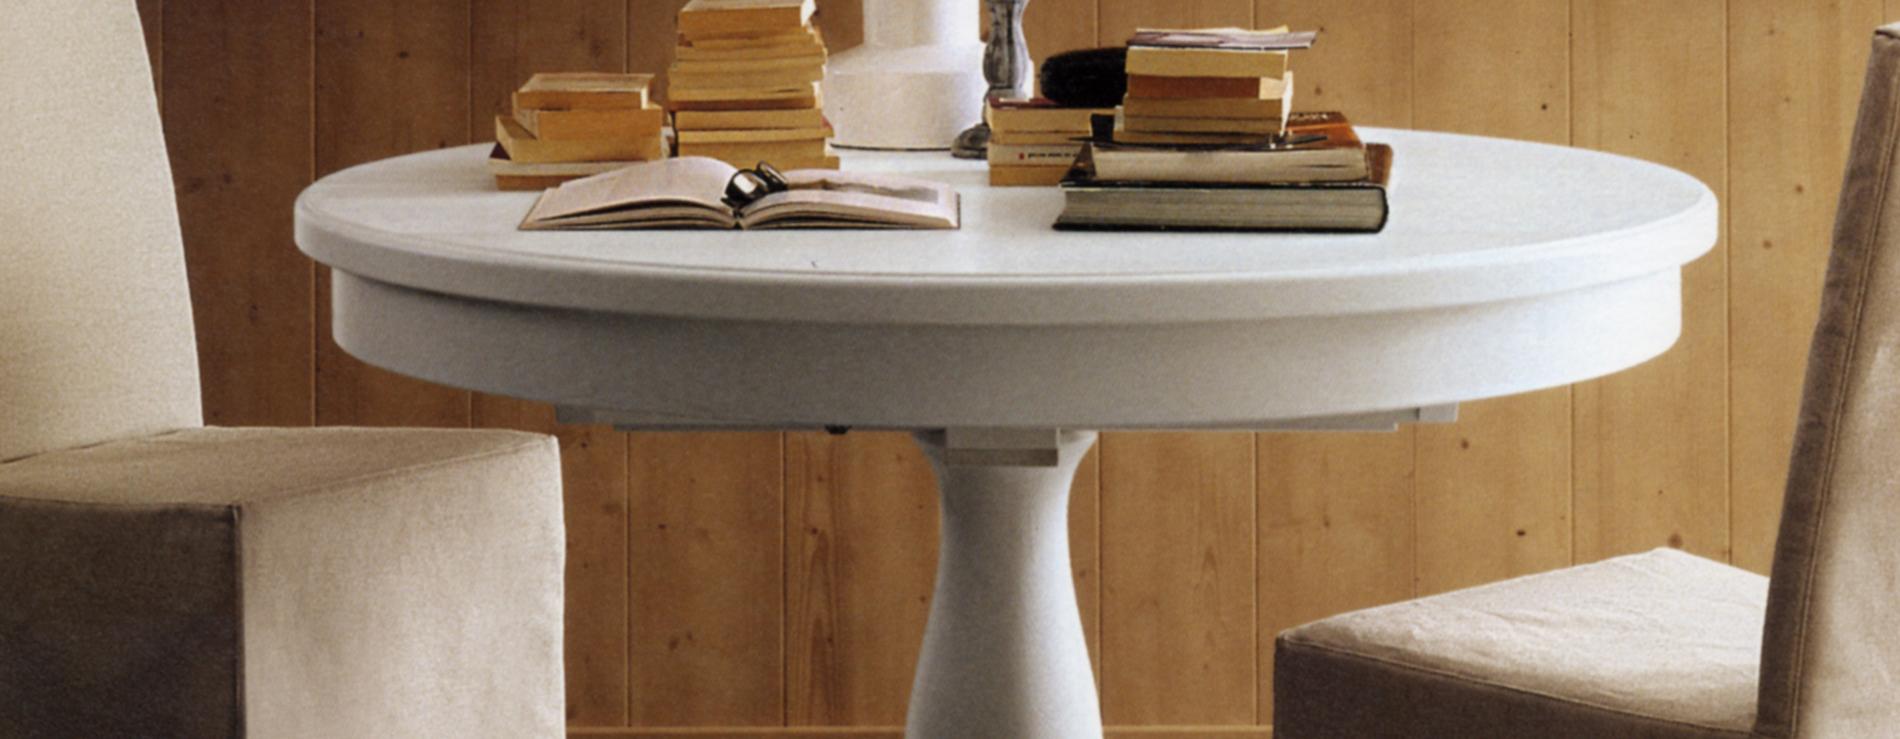 Tavolo rotondo allungabile scandola centro mobili for Tavolo allungabile rotondo